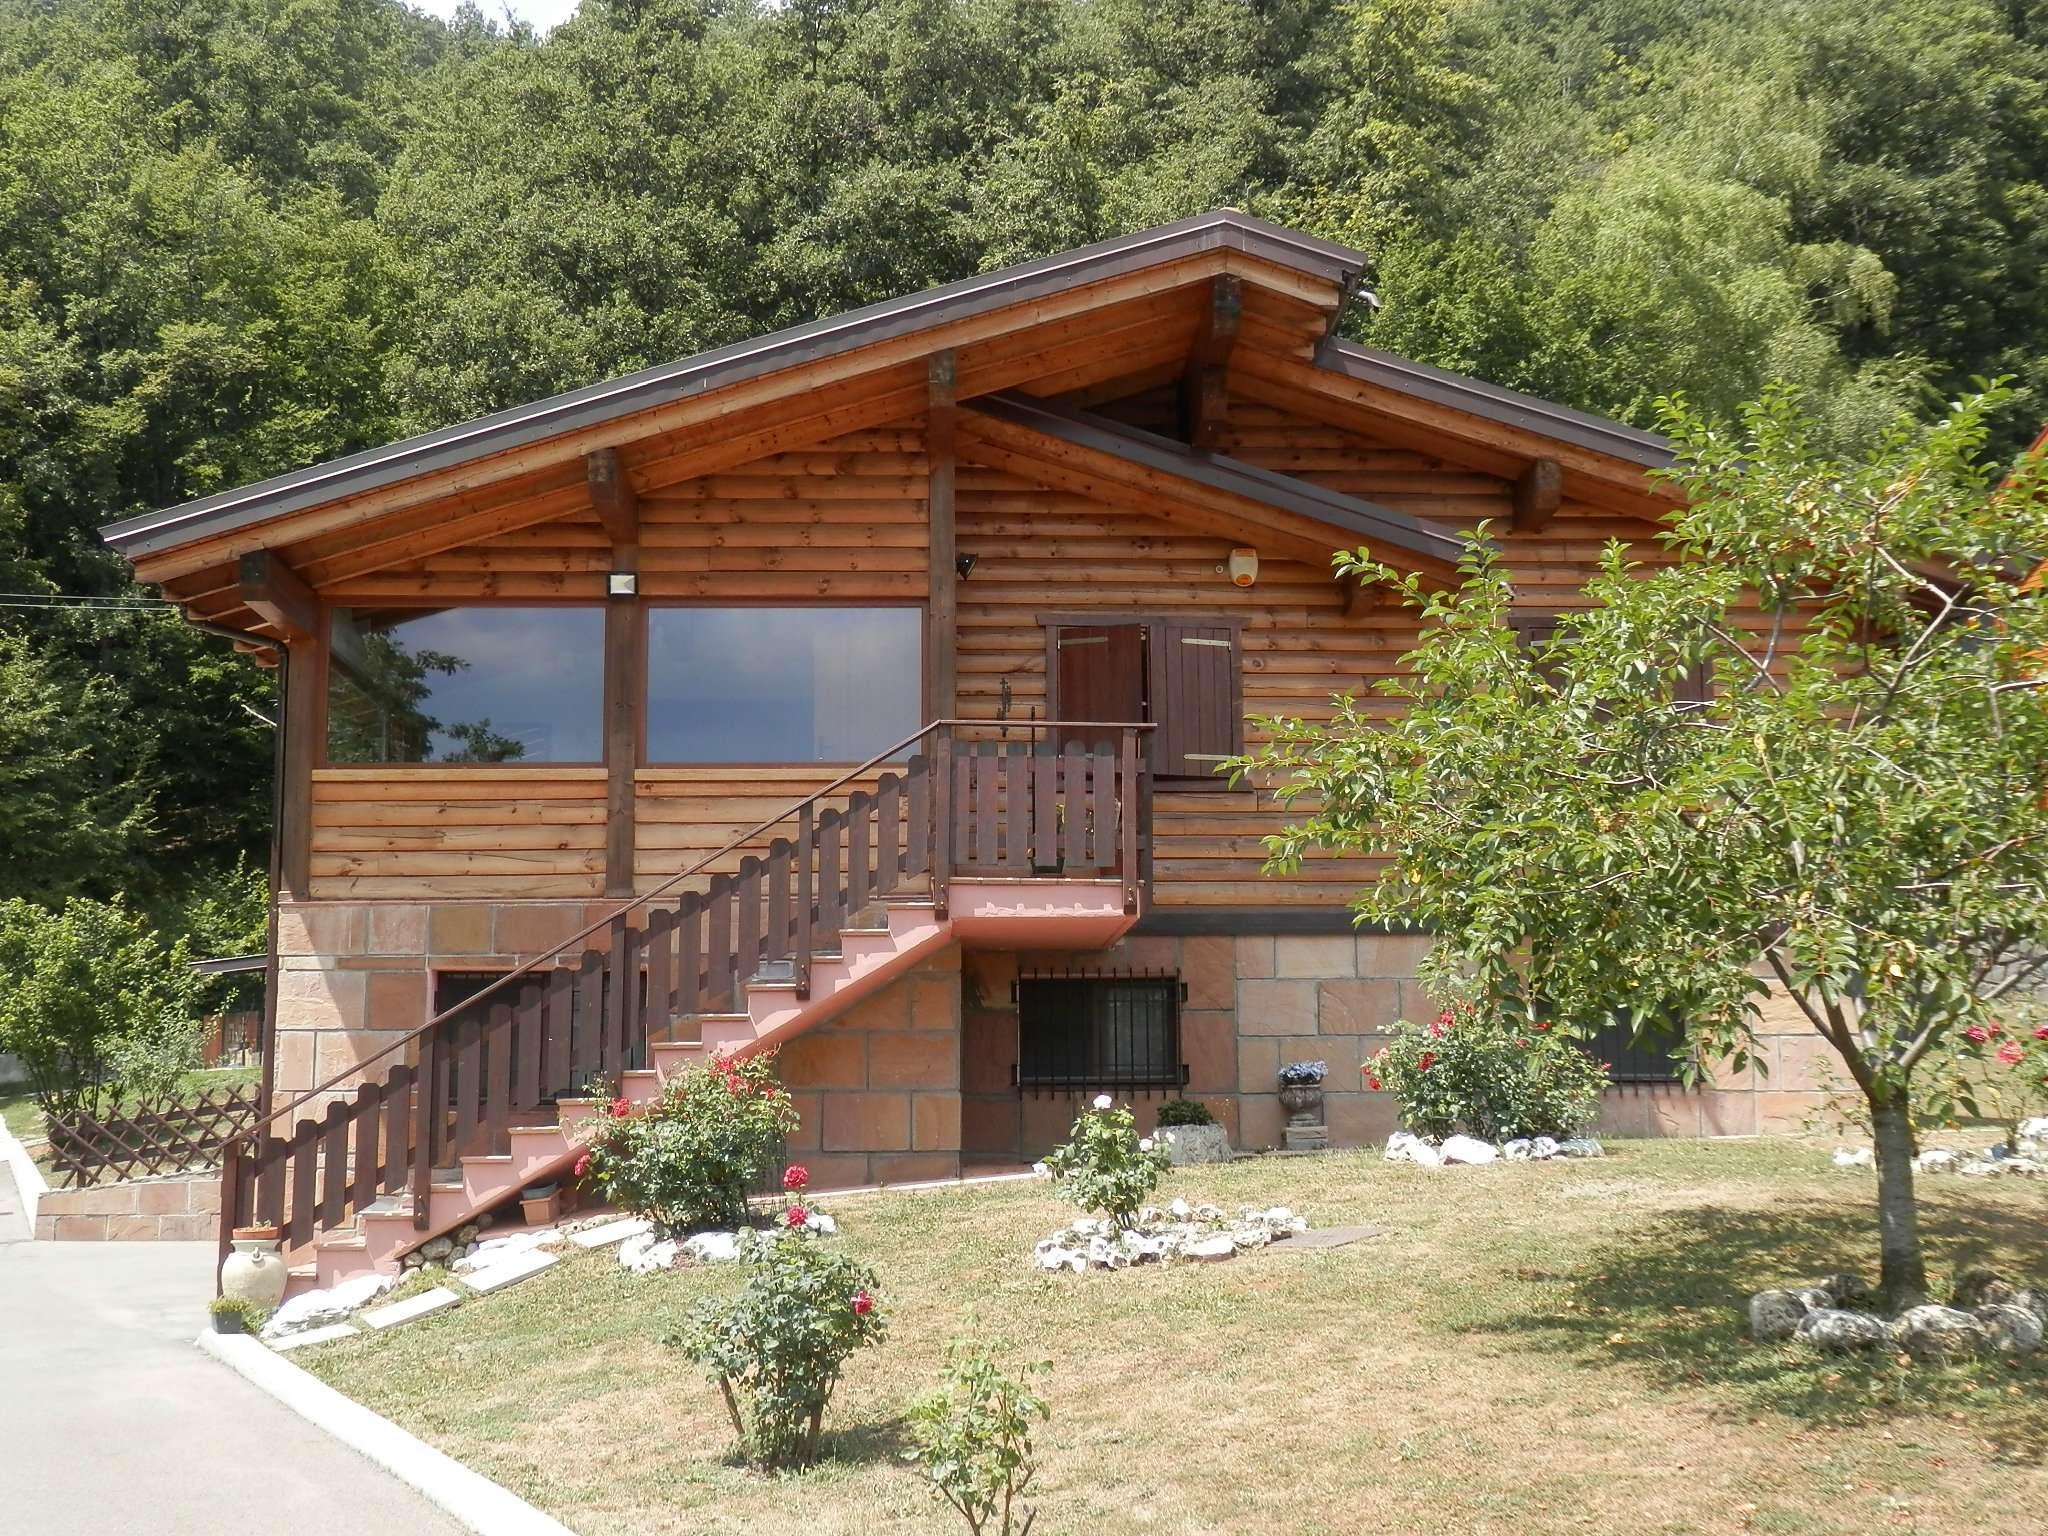 Barbecue cemento forno legna in vendita waa2 for Casa di 700 metri quadrati in vendita